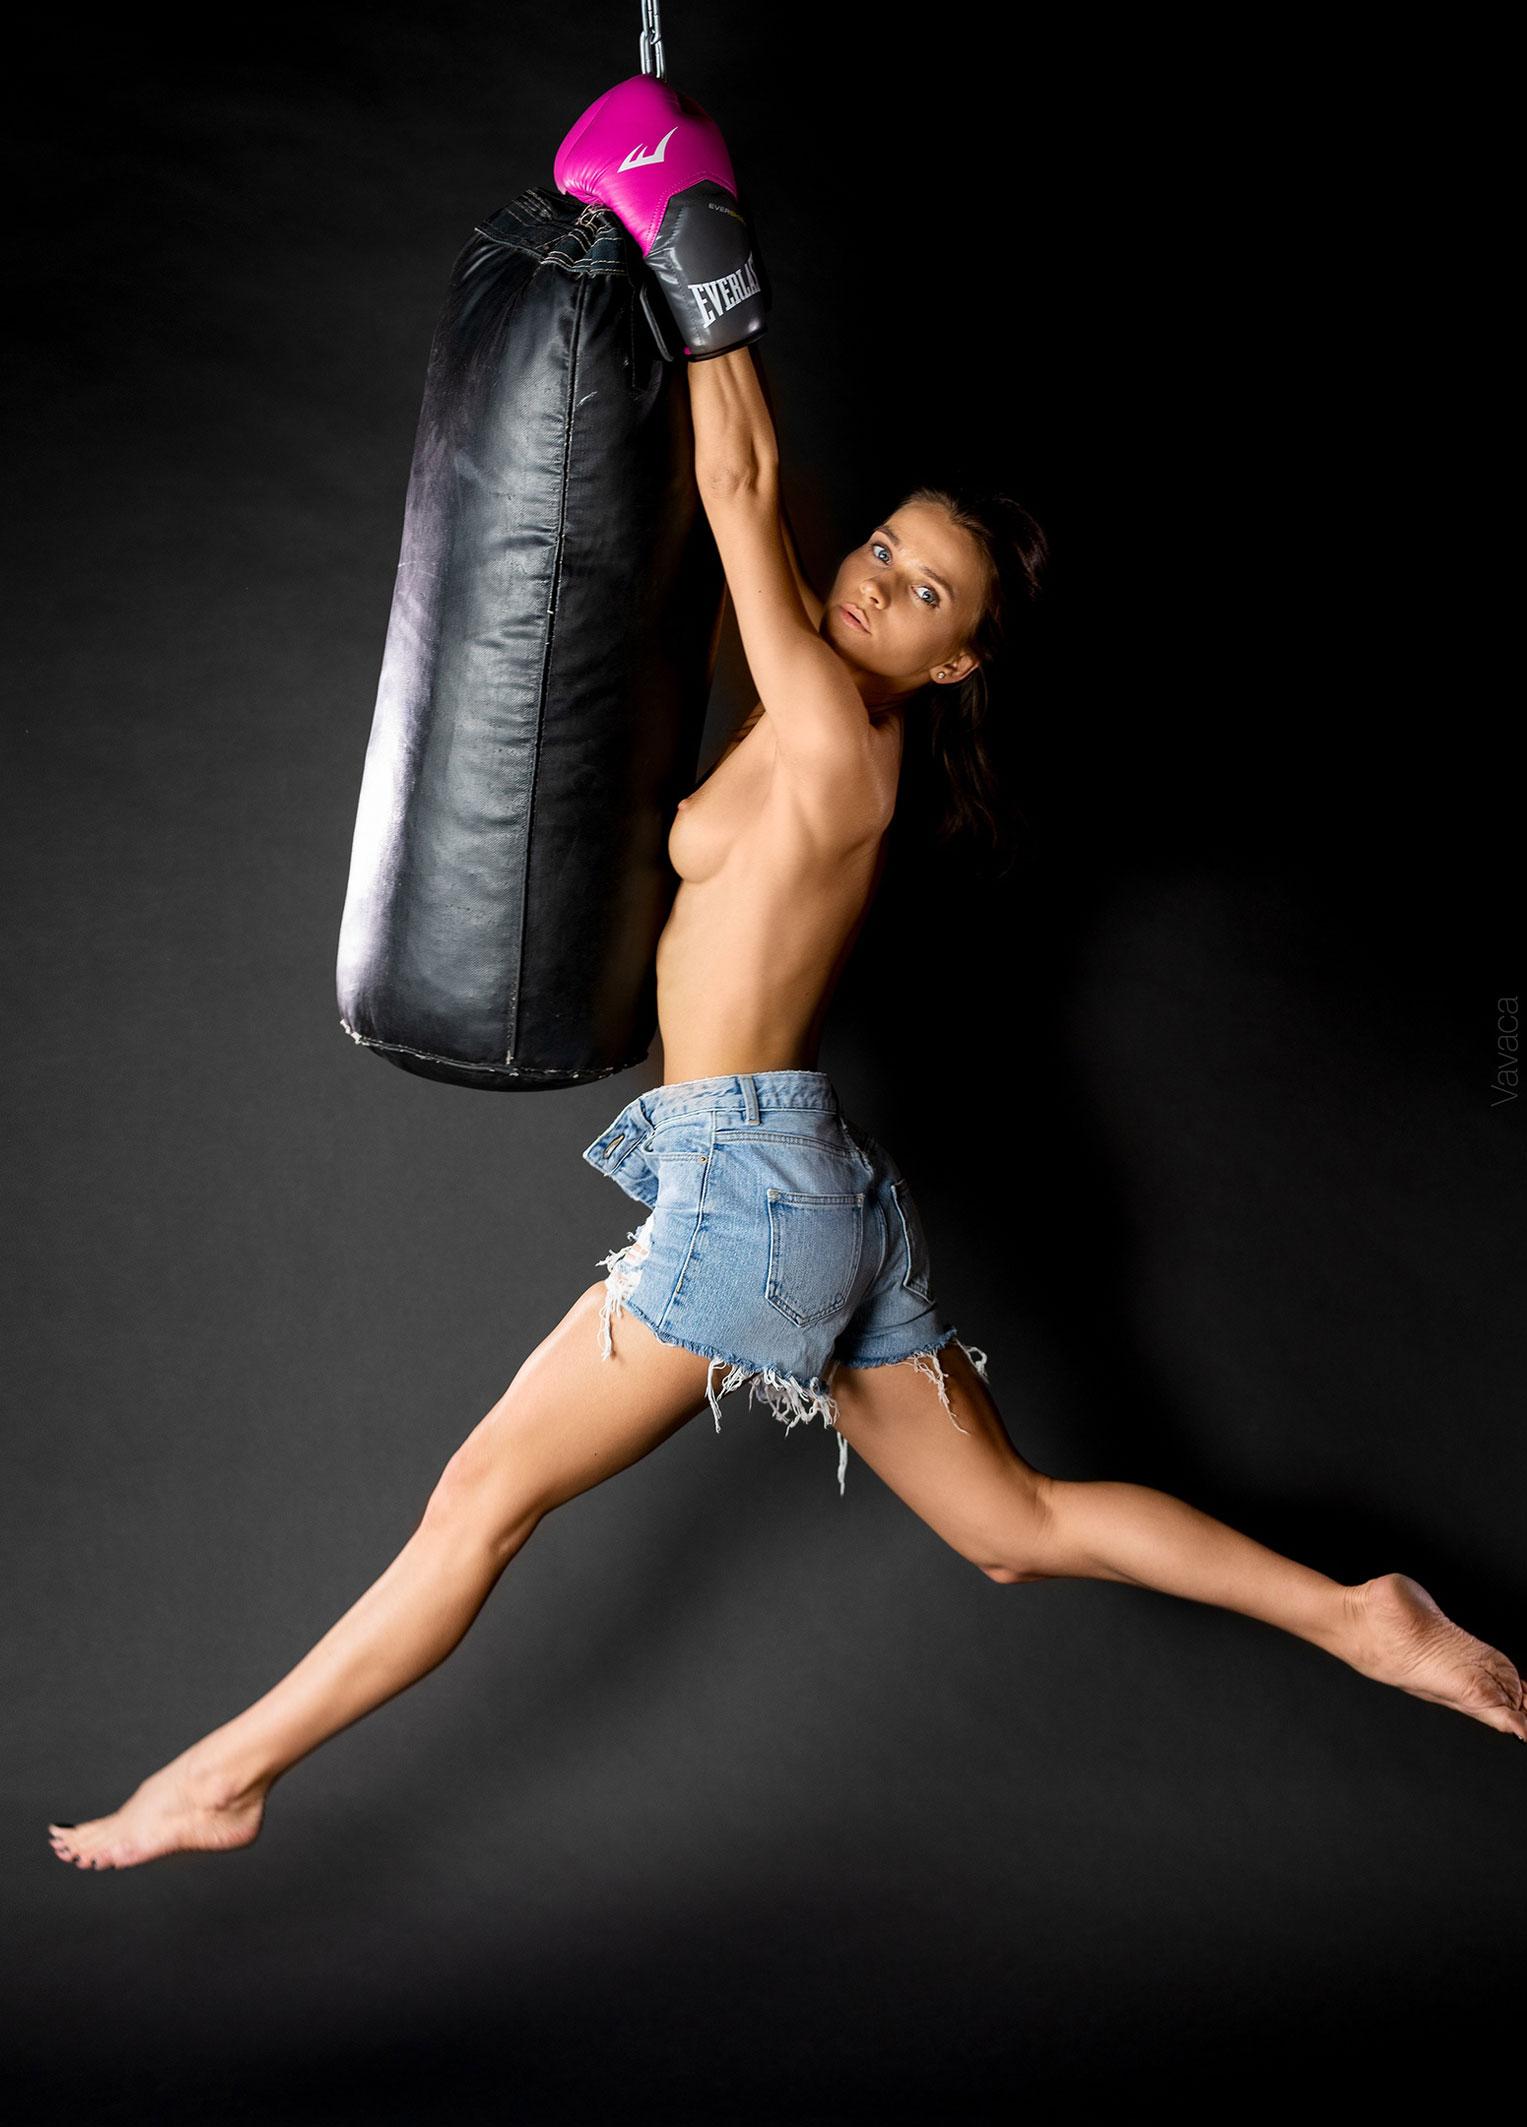 голая Кристина Макарова занимается боксом / фото 03